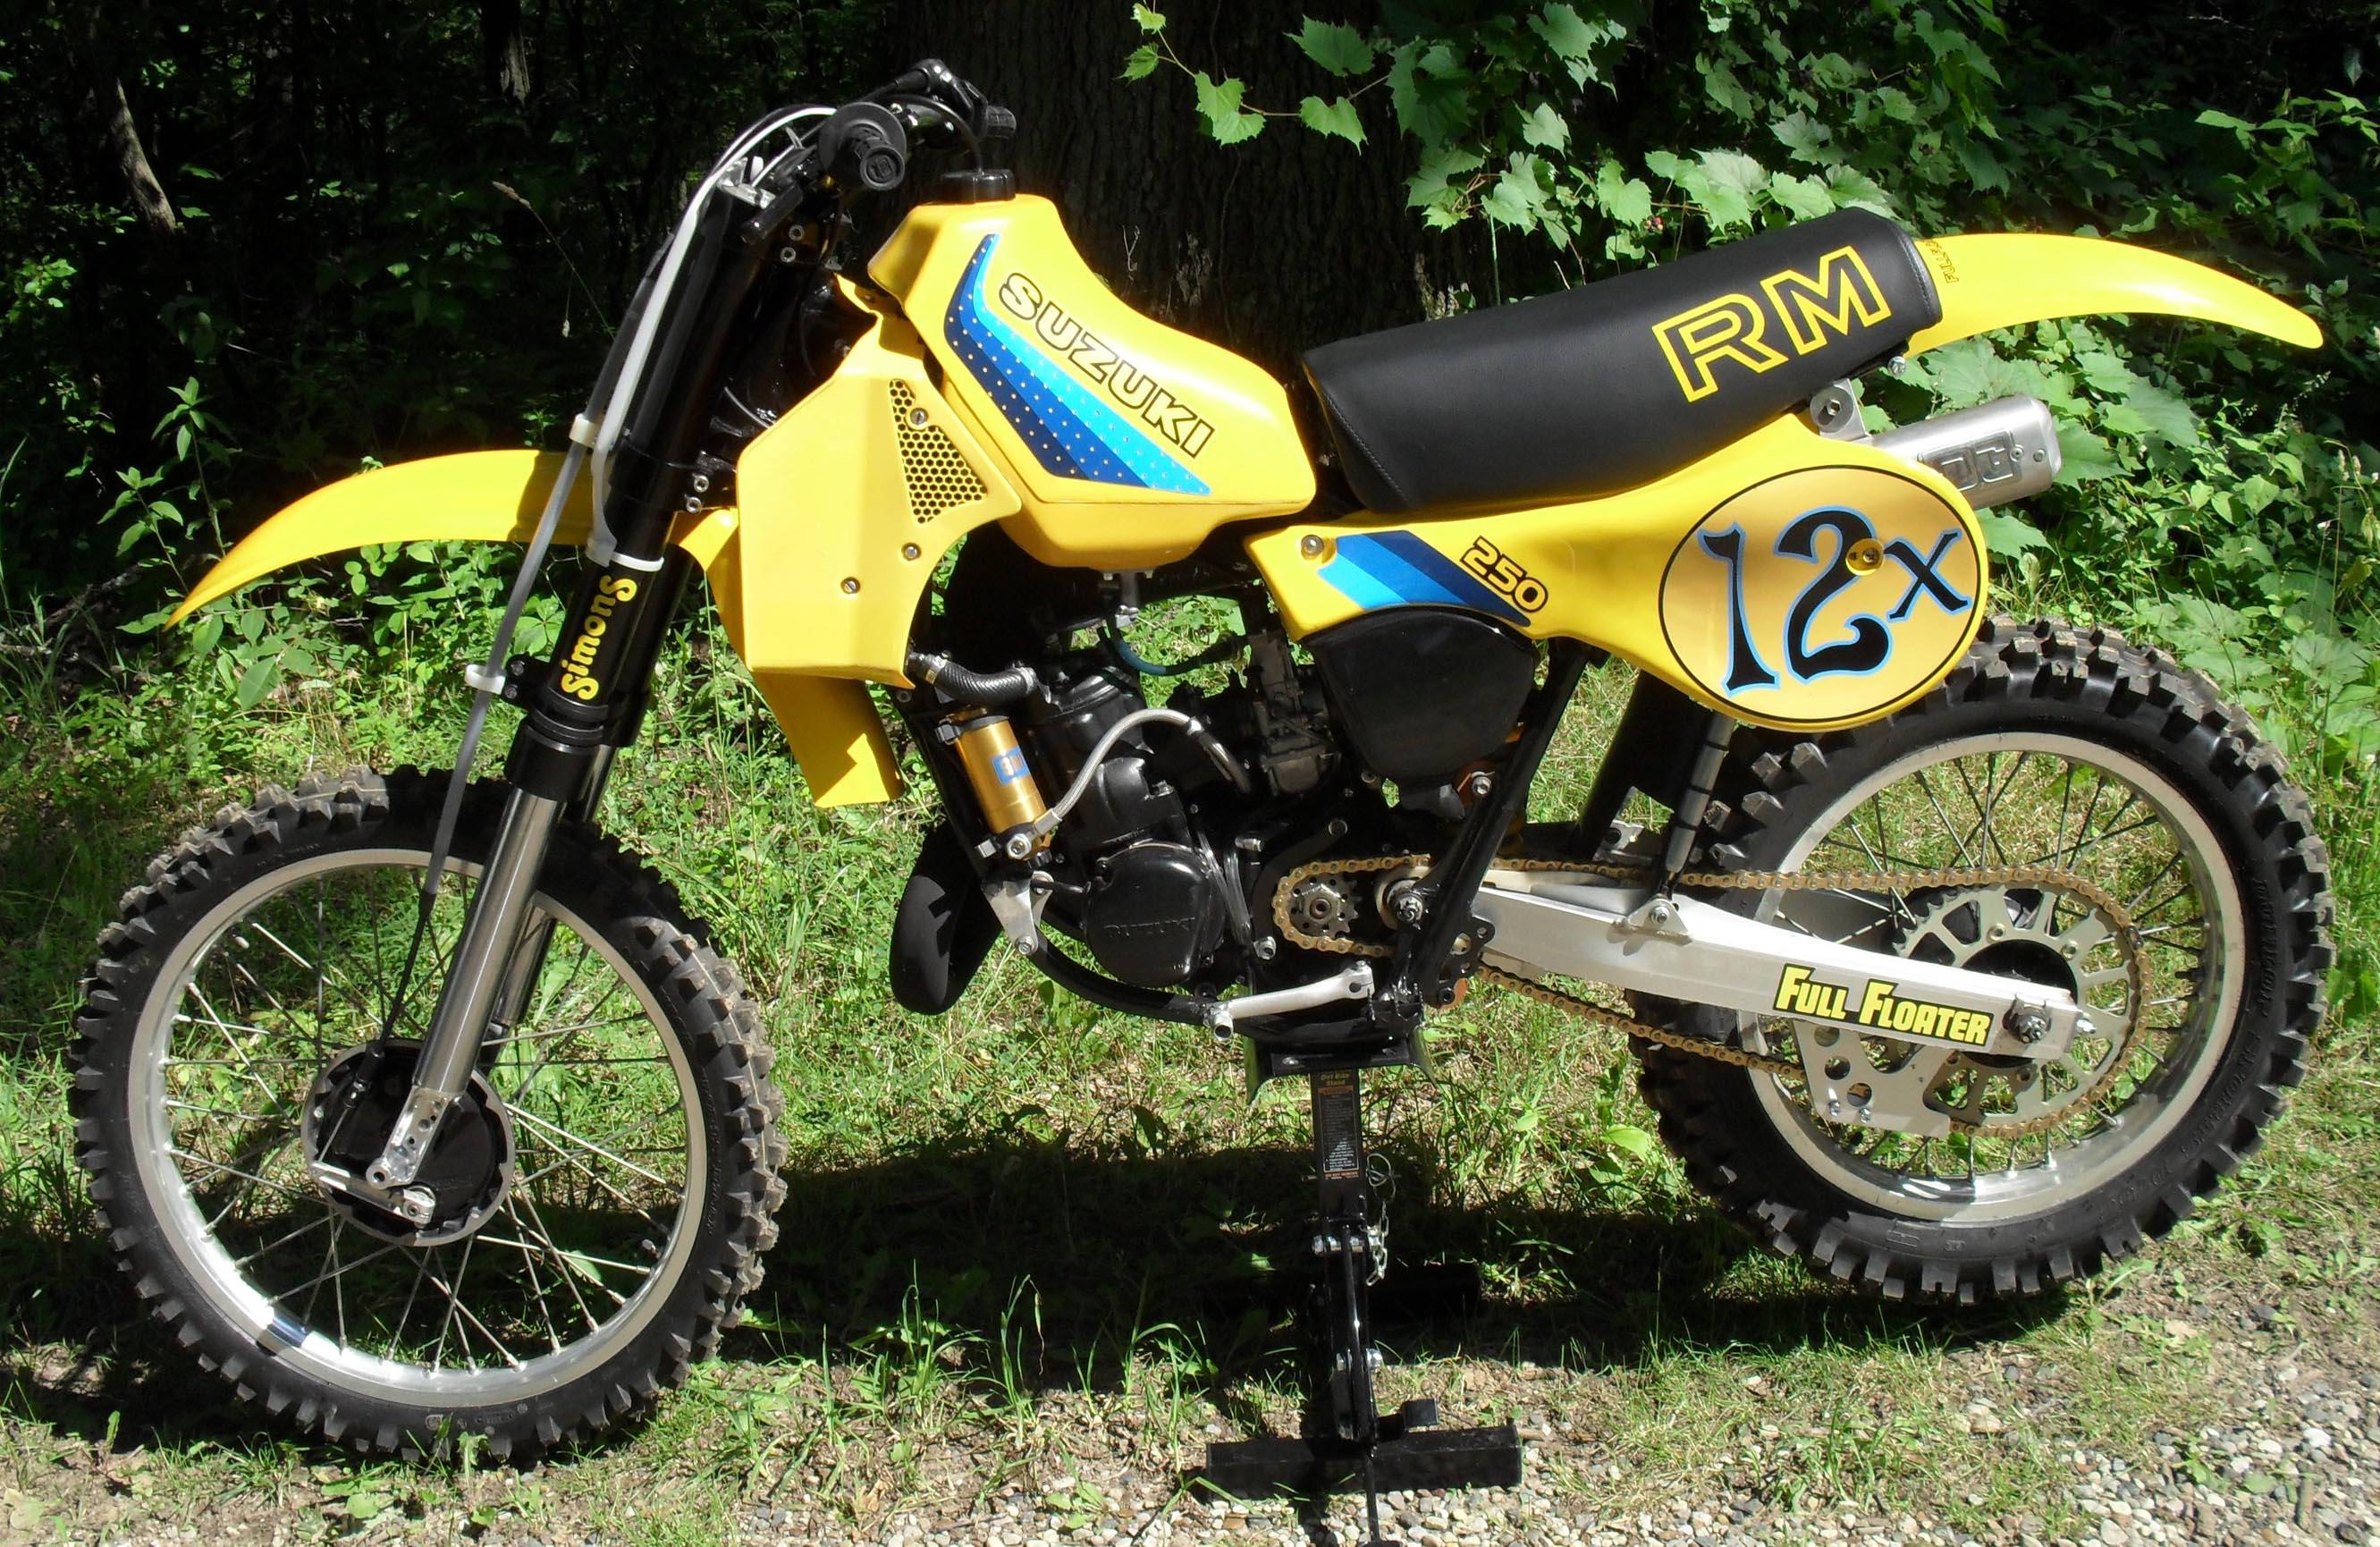 Suzuki Rm Parts